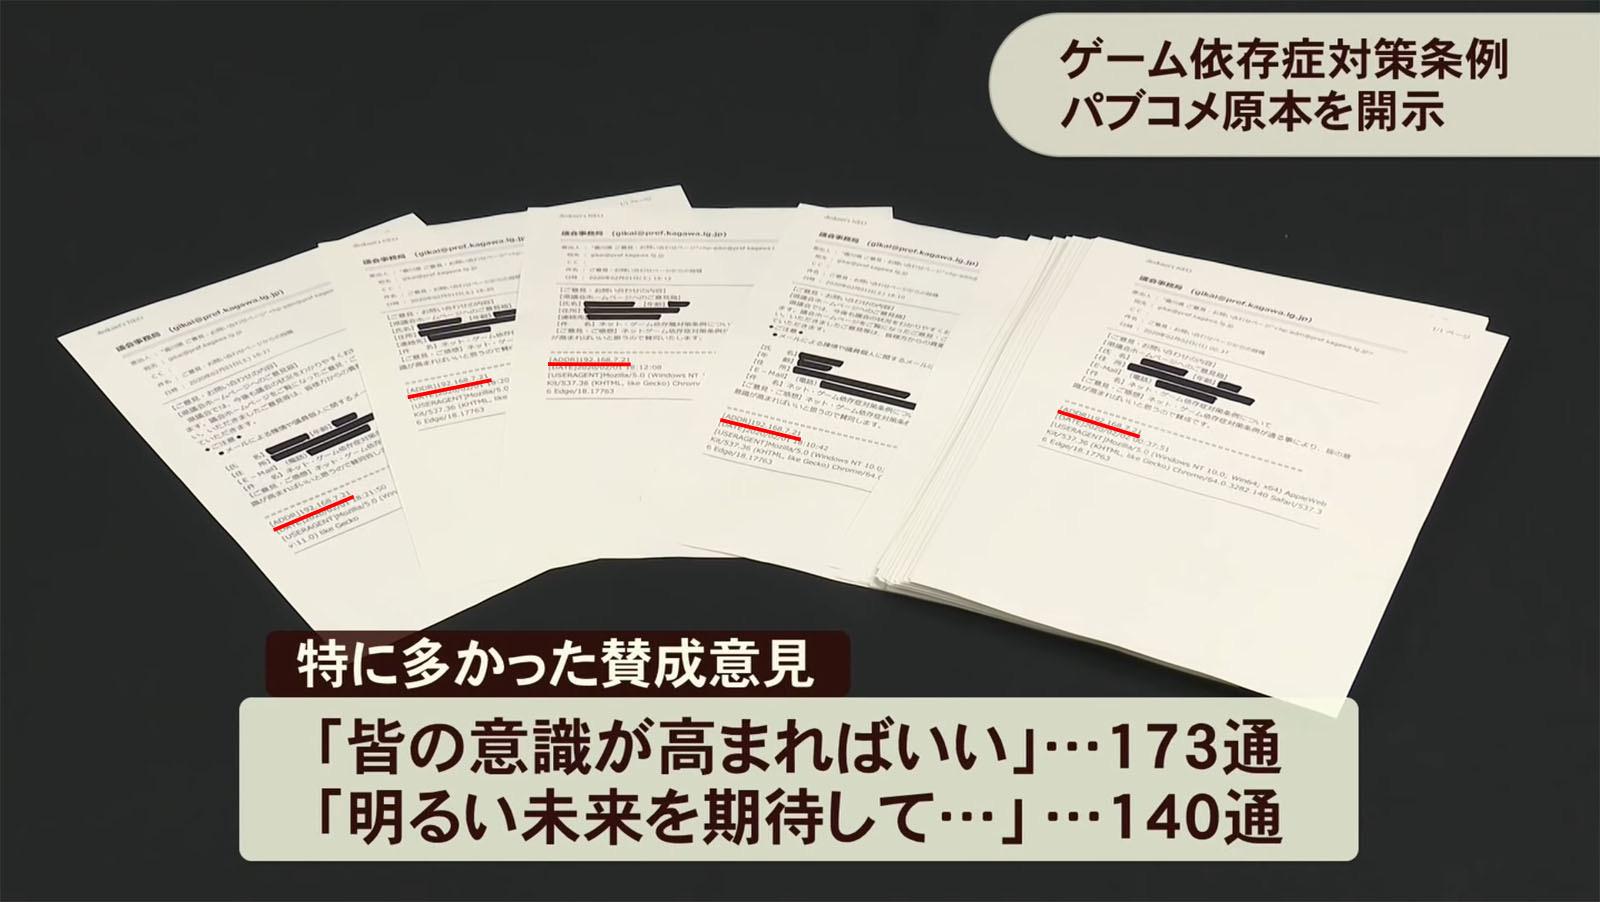 q7K1jg5 - 【悲報】香川県さん、ゲーム規制条例で自演してた事がバレてしまい証拠隠滅し始める